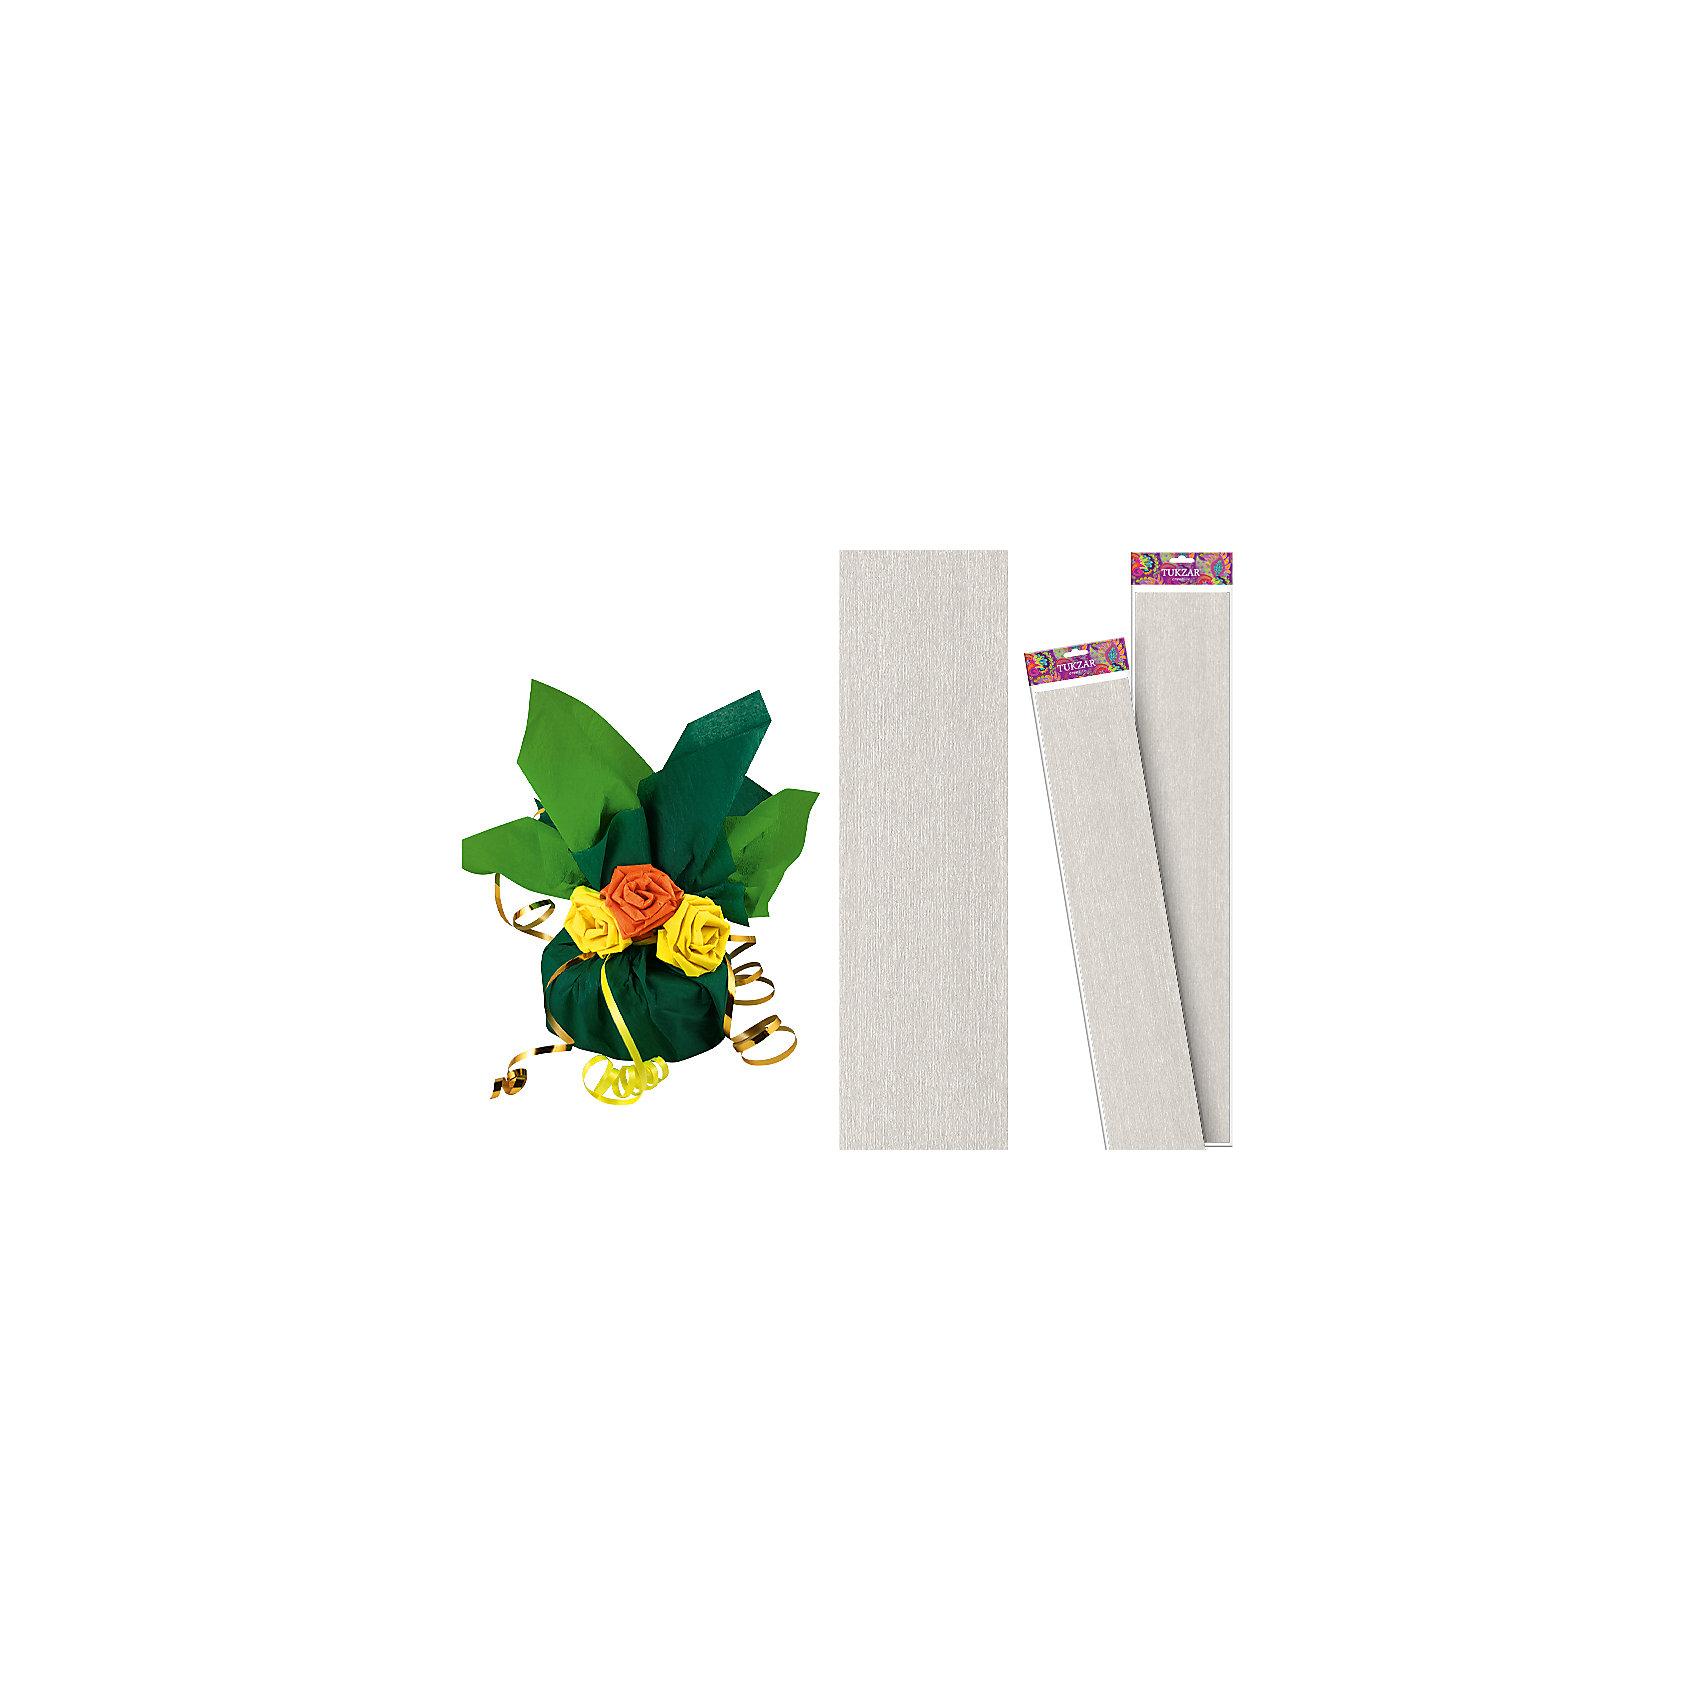 Серебряная крепированная бумага 50*250 смСеребряная крепированная бумага 50*250 см от известного торгового бренда канцелярских товаров и товаров для творчества TUKZAR. Крепированная бумага используется для изготовления различных поделок и аппликаций, наиболее часто данный вид бумаги применяют для изготовления цветов, которые отличаются высокой степенью достоверности, что обеспечивается за счет свойств данной бумаги: она имеет мелкое гофрирование, бархатистая на ощупь и влагостойкая. <br>Серебряная крепированная бумага 50*250 см от TUKZAR – идеально подходит для поделок и оформительских работ.  <br><br>Дополнительная информация:<br><br>- Предназначение: для творческих занятий и оформительских работ <br>- Материал: бумага<br>- Размеры (Ш*Д): 50*250 см<br>- Цвет: серебряный<br>- Упаковка: блистер<br><br>Подробнее:<br><br>• Для детей в возрасте: от 3 лет <br>• Страна производитель: Китай<br>• Торговый бренд: TUKZAR<br><br>Серебряную крепированную бумагу 50*250 см можно купить в нашем интернет-магазине.<br><br>Ширина мм: 500<br>Глубина мм: 50<br>Высота мм: 50<br>Вес г: 100<br>Возраст от месяцев: 36<br>Возраст до месяцев: 192<br>Пол: Унисекс<br>Возраст: Детский<br>SKU: 5001384